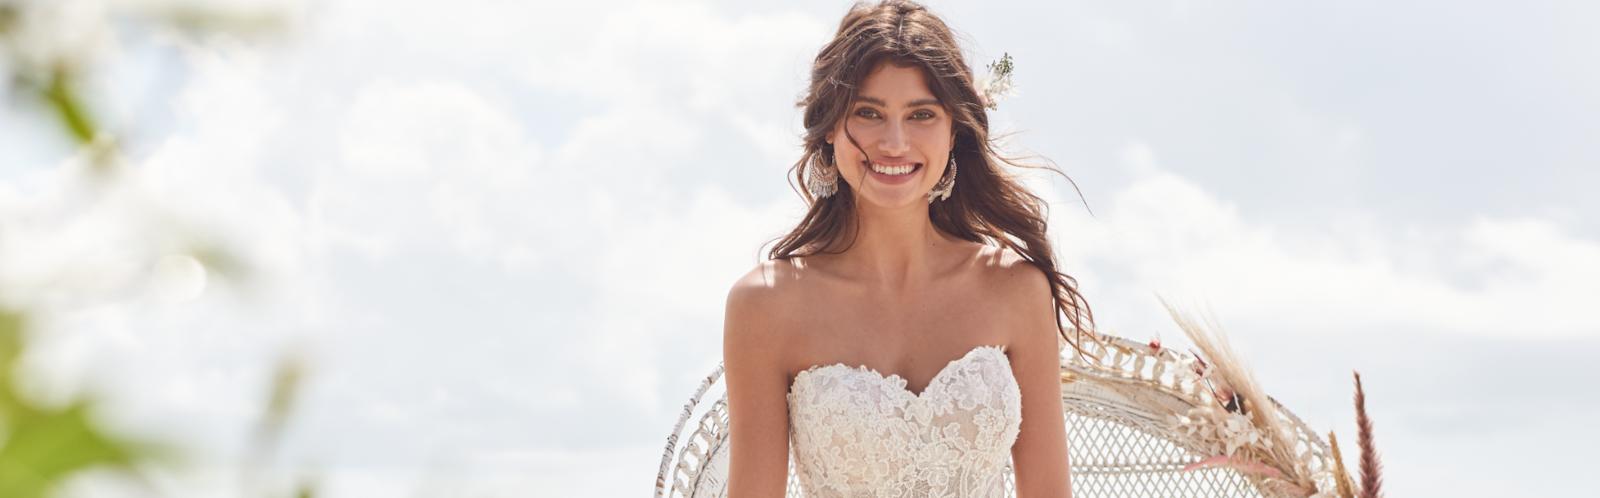 Hattie Lynette Boho style wedding gown by Rebecca Ingram